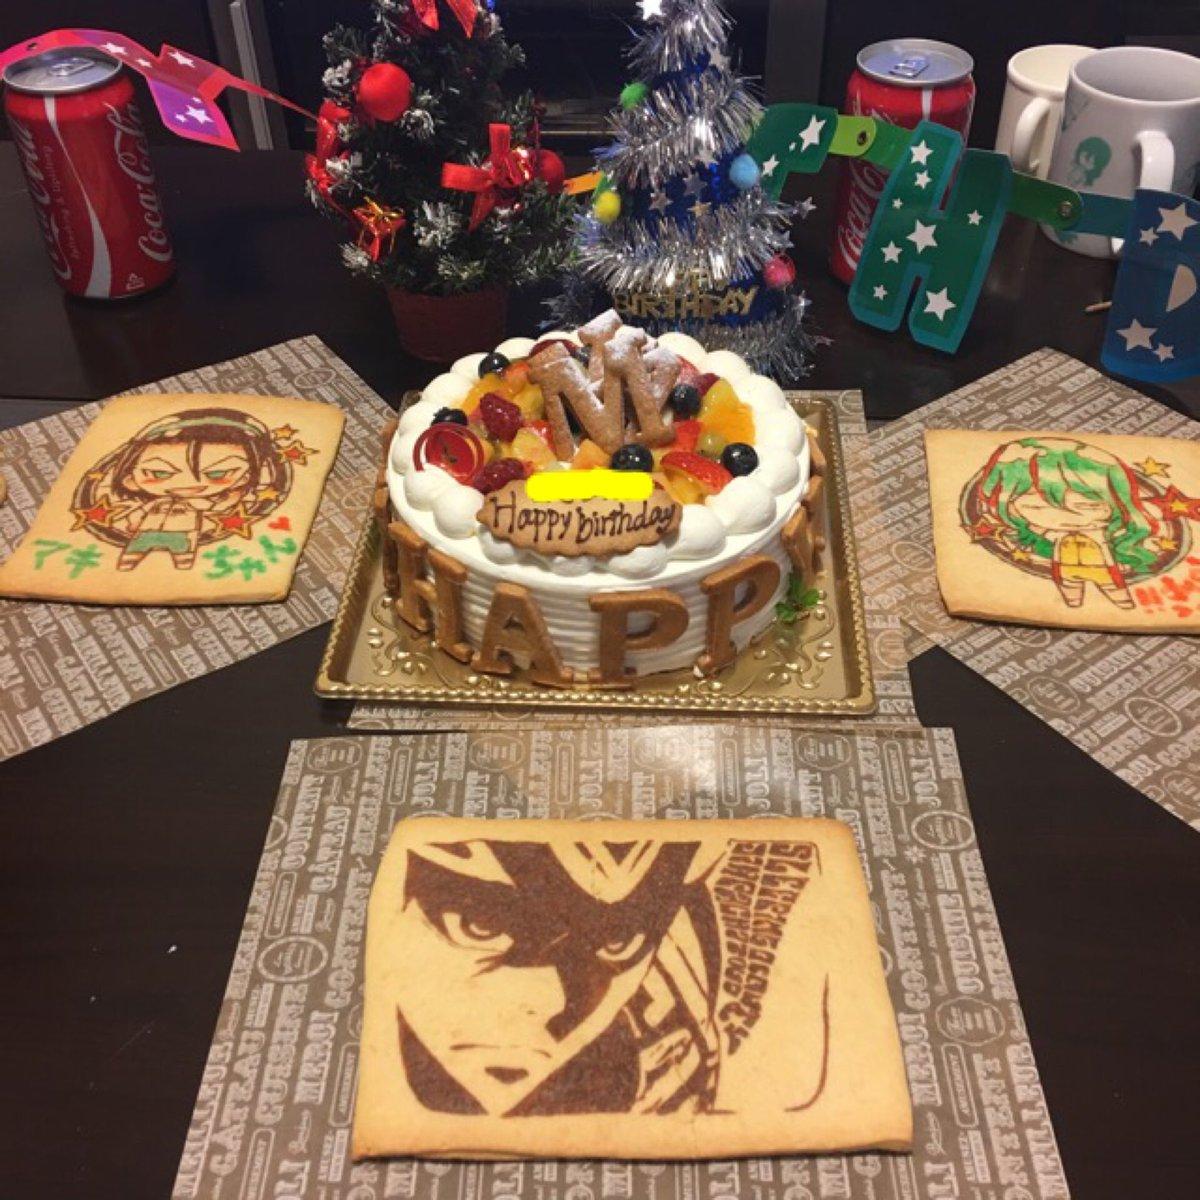 友達の誕生日パーティにお邪魔させてもらいました〜(*^_^*)弱虫ペダルファンの友達のために皆がサプライズで用意したクッ